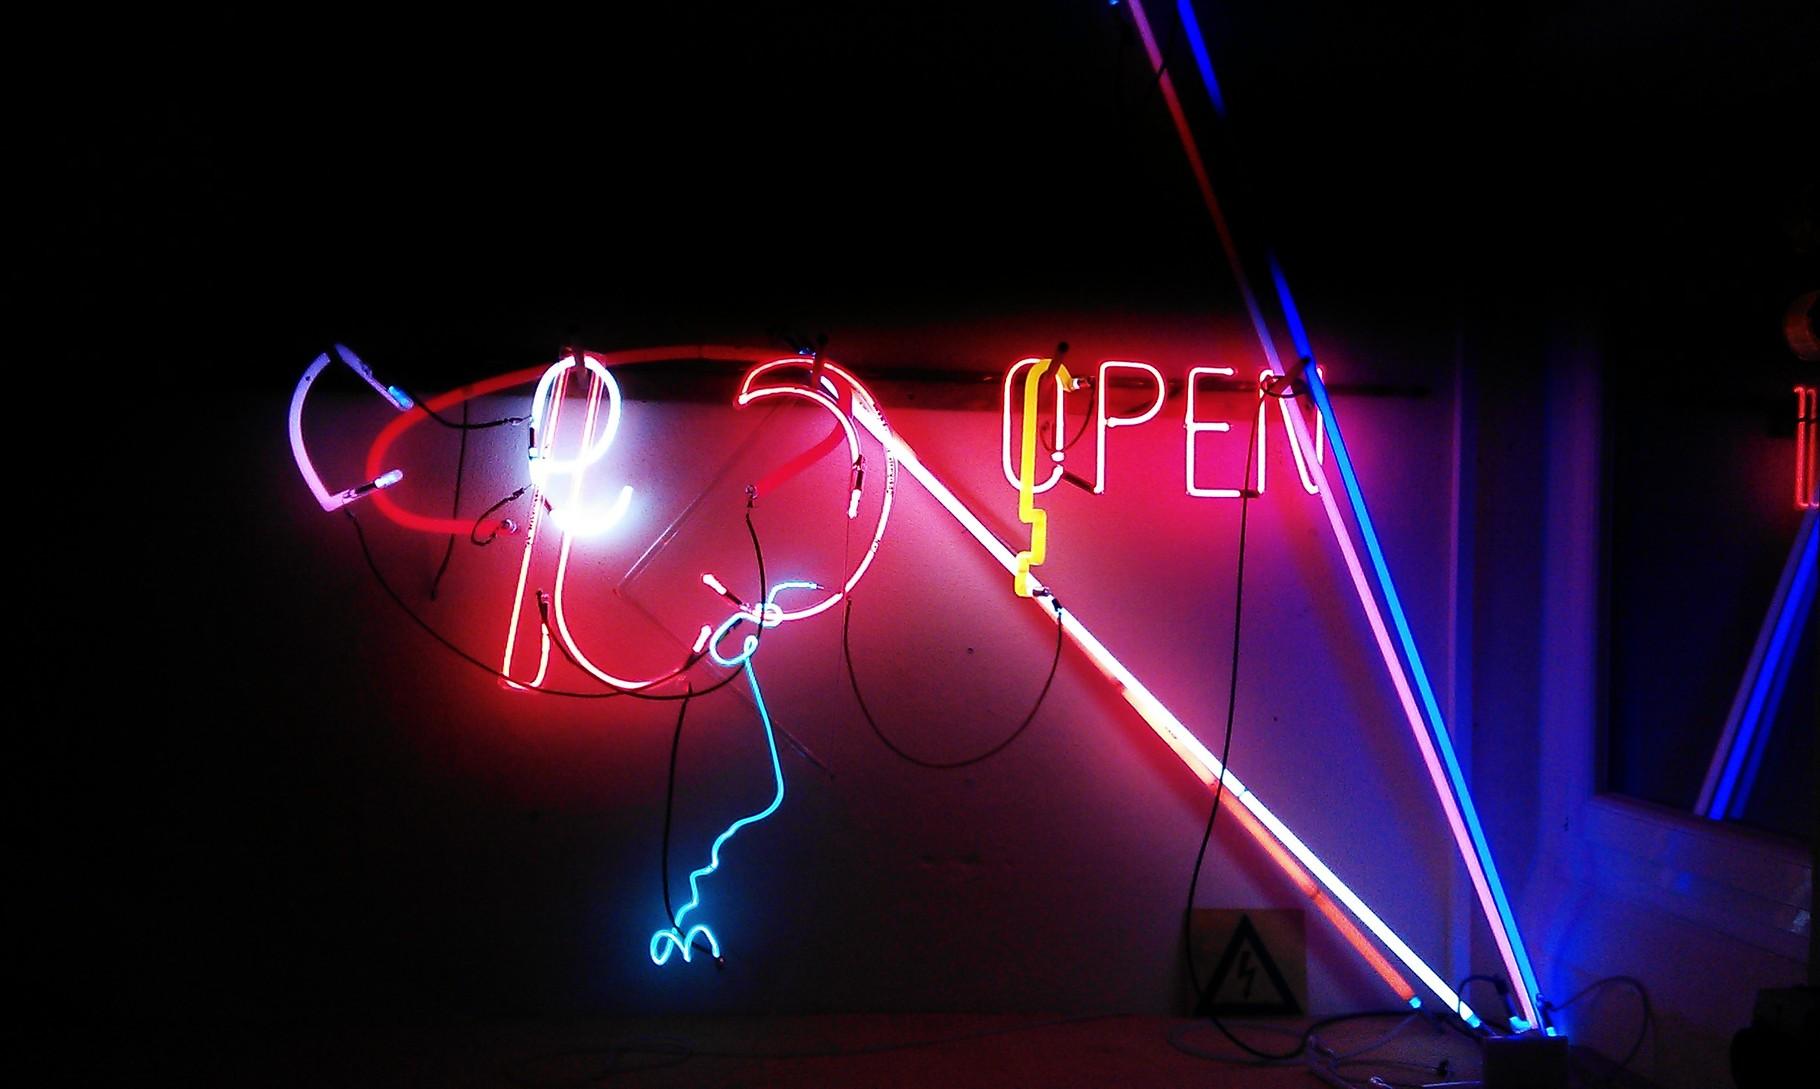 Neonobjekt Berlin : Mixed Neon // Neonjoecks Berlin